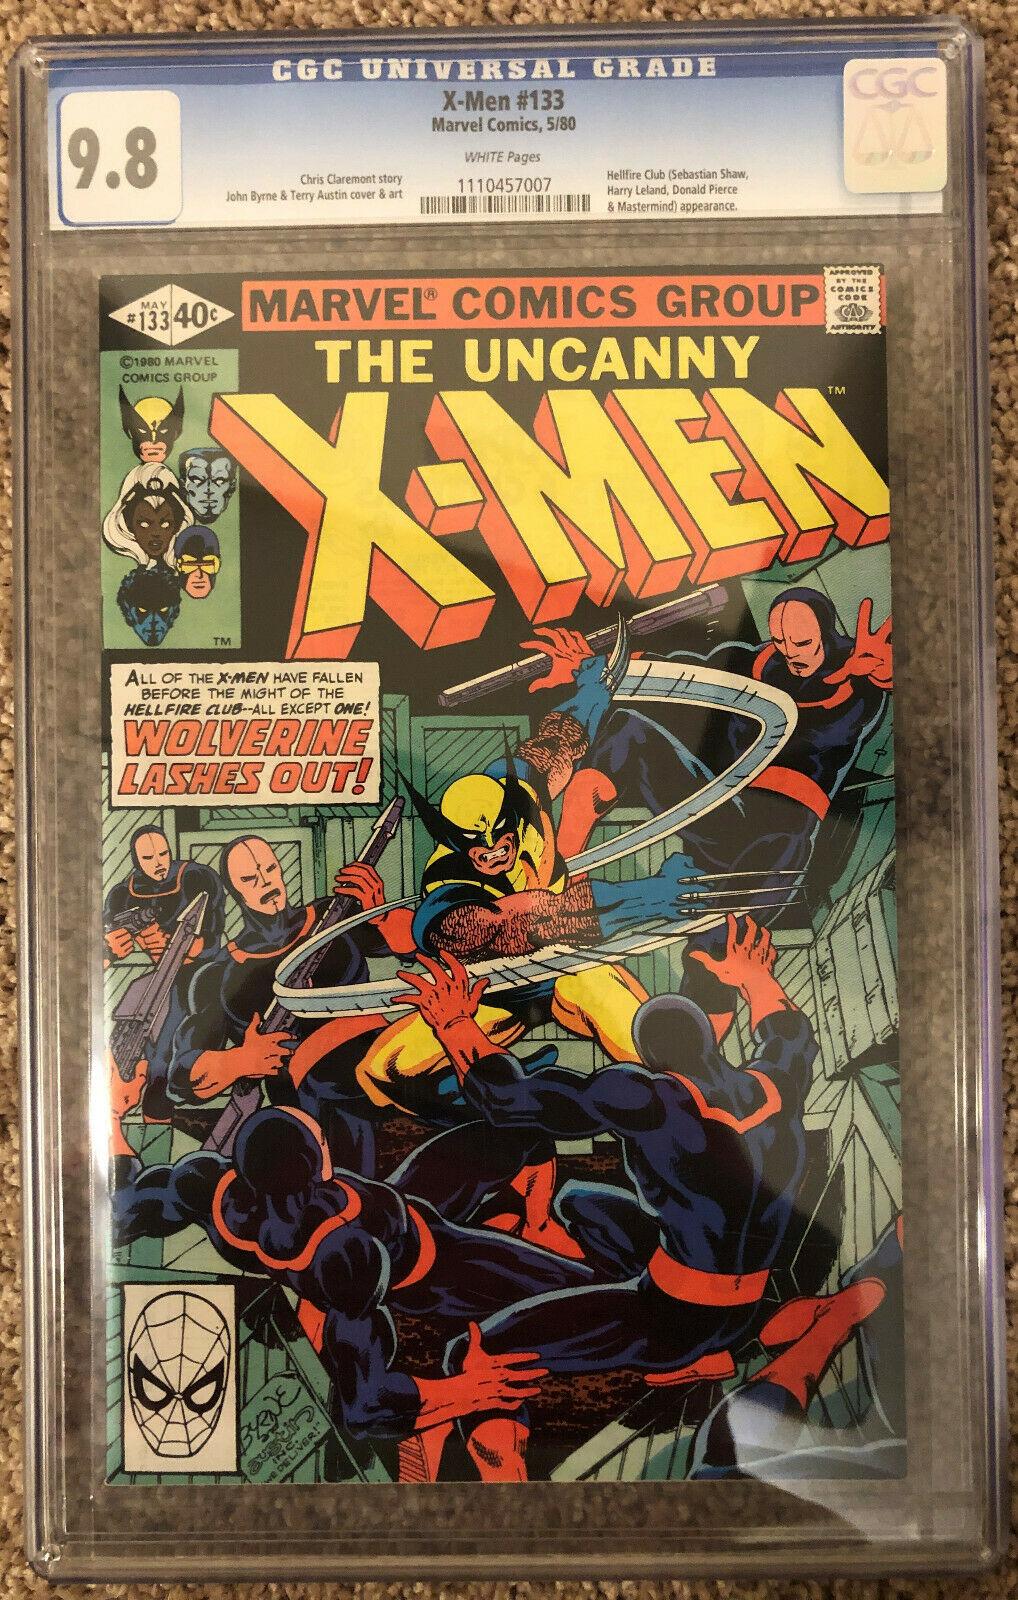 Uncanny X-Men (1st Series) #133 1980 CGC 9.8 1110457007